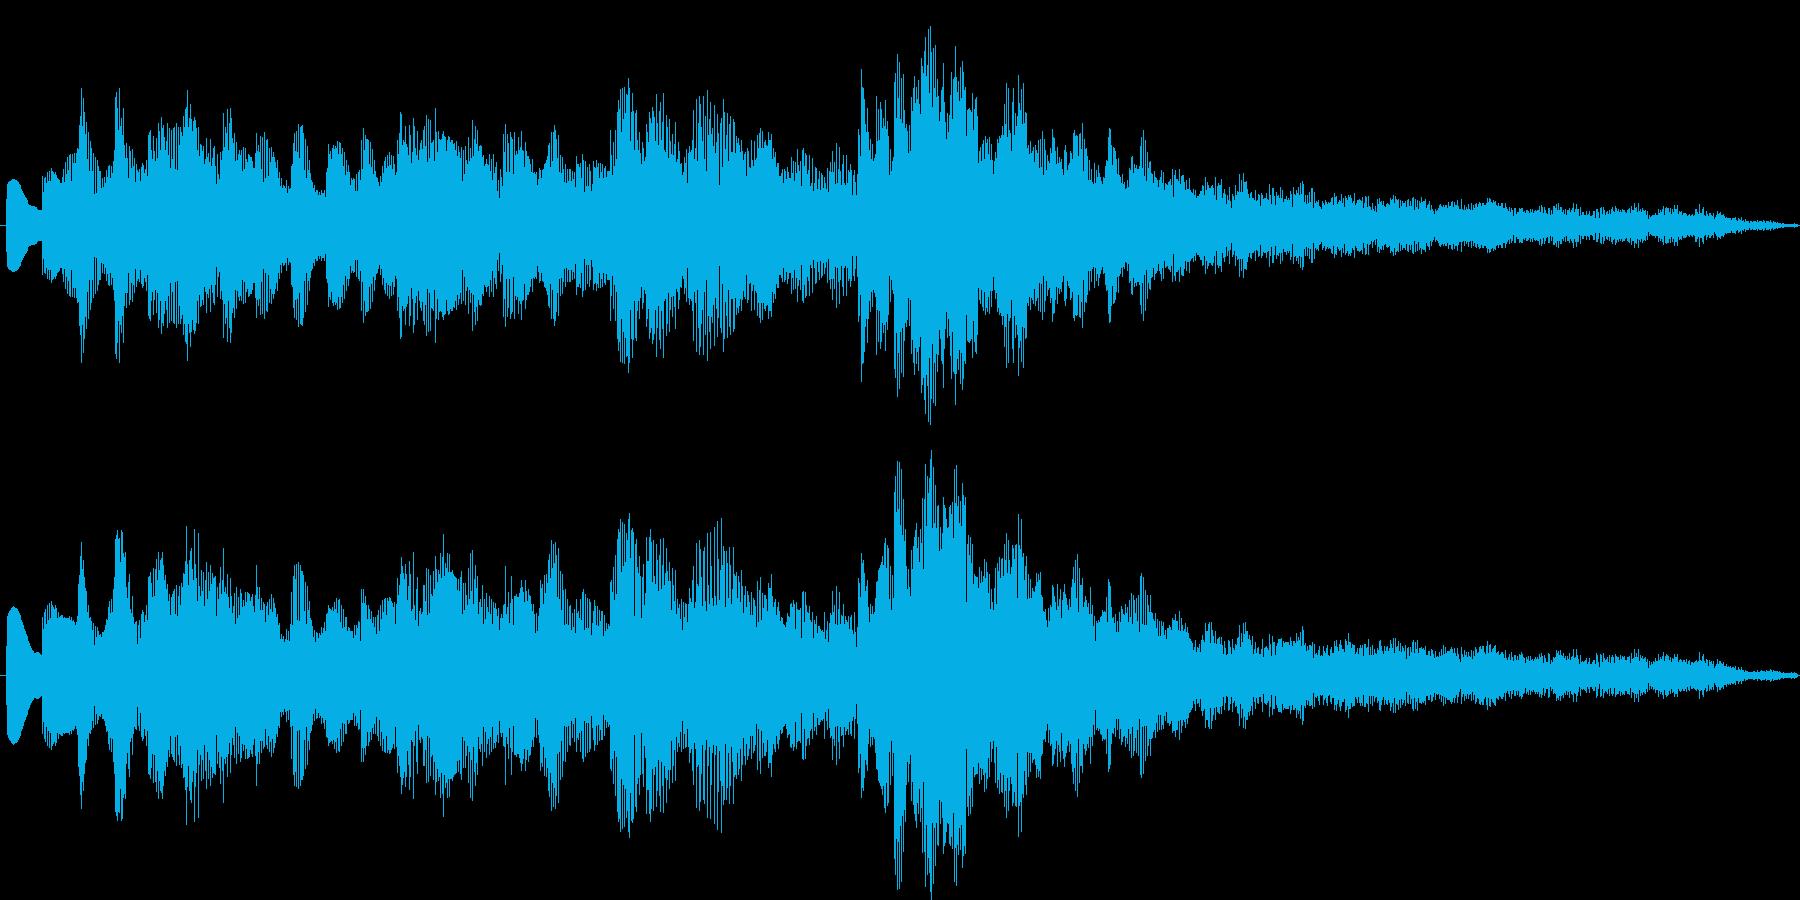 発車メロディ風1の再生済みの波形